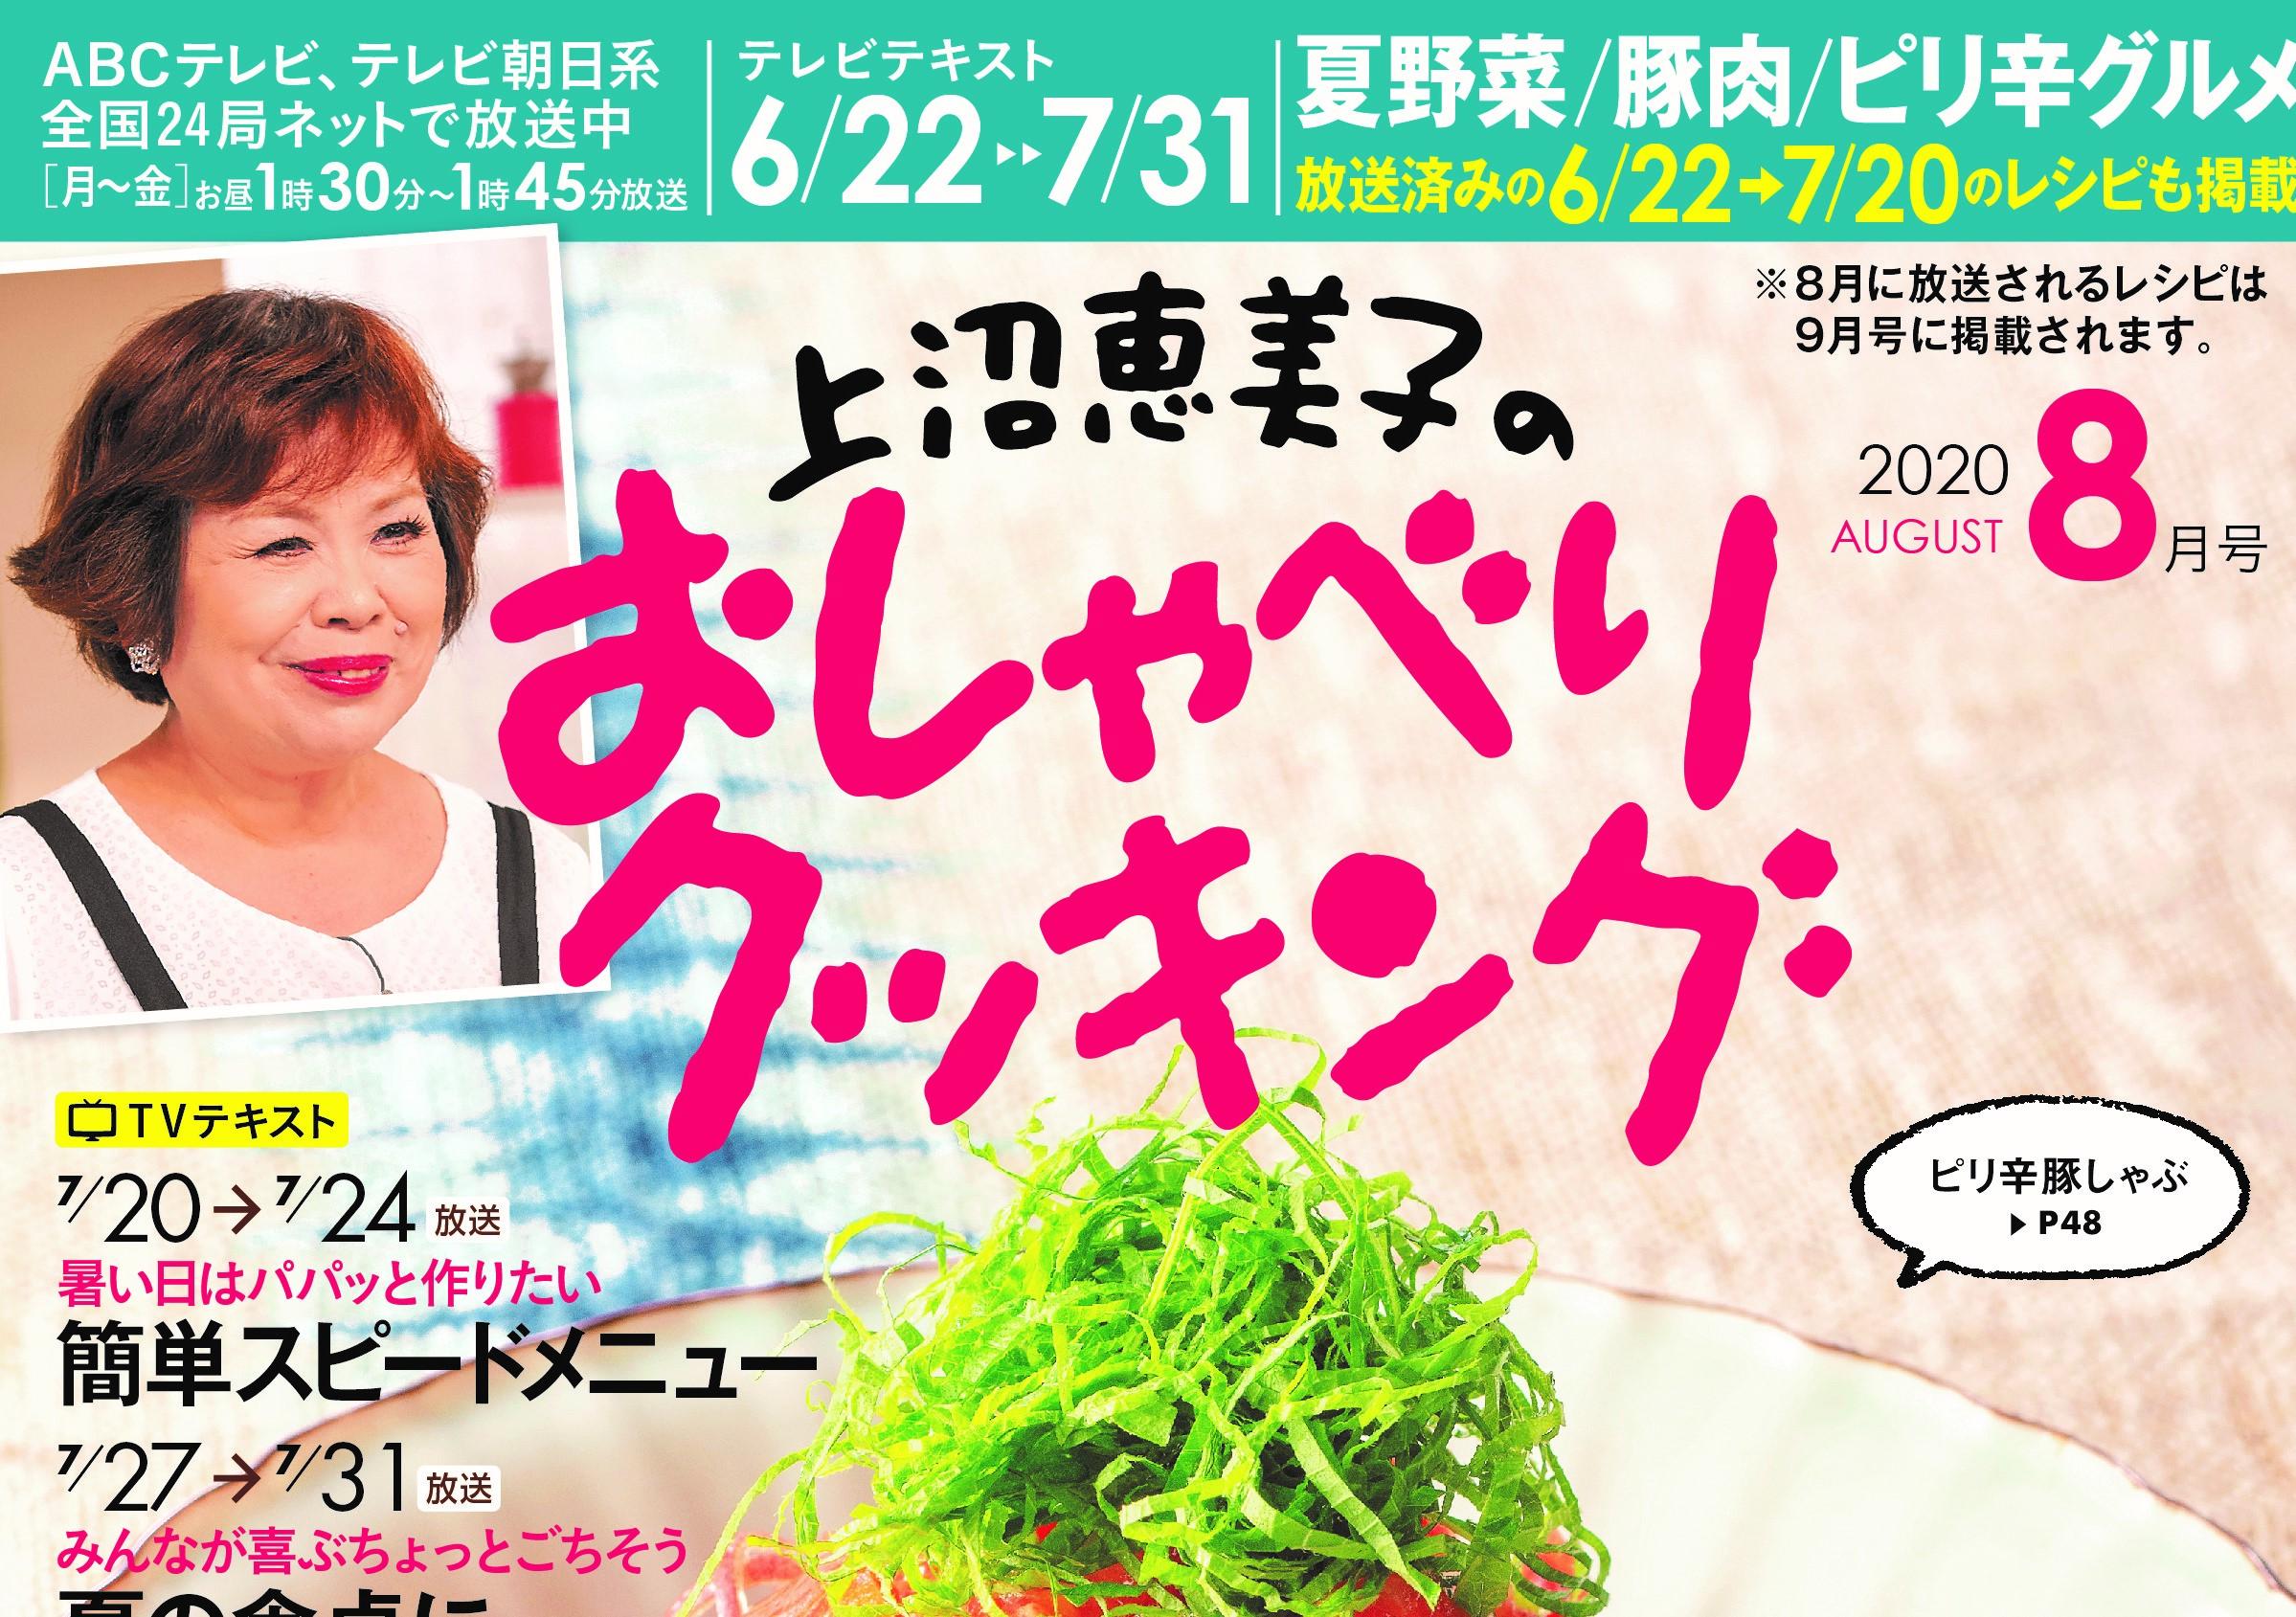 【おしゃべりクッキング・390】8月号発売! 7/27~「夏の食卓に」